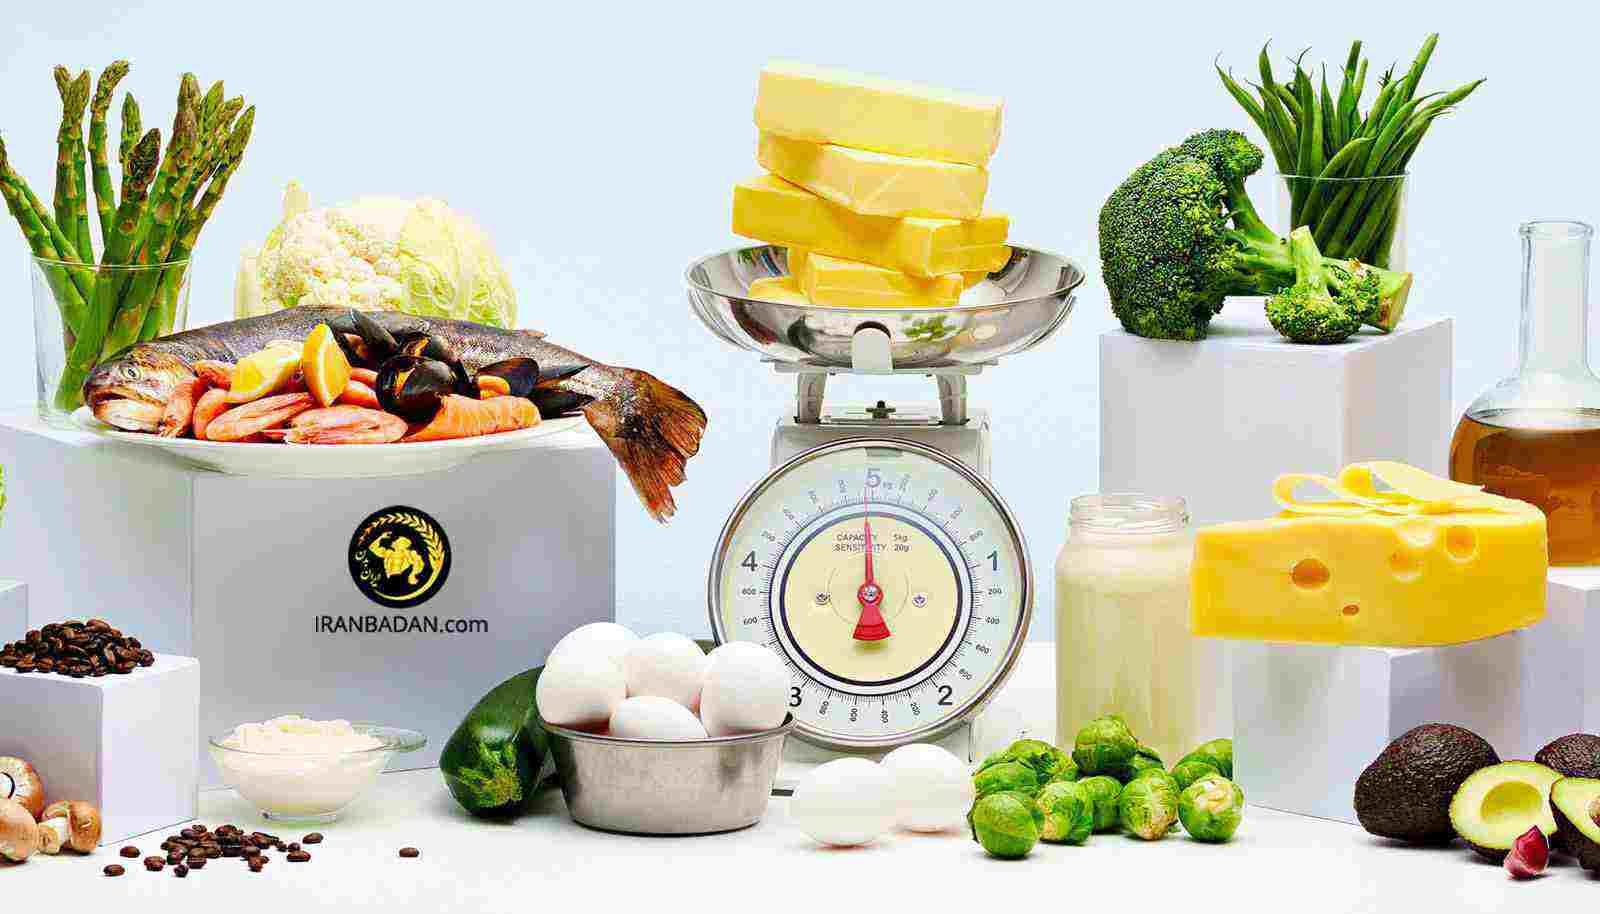 اشتباهات رایج در رژیم غذایی کمکربوهیدرات